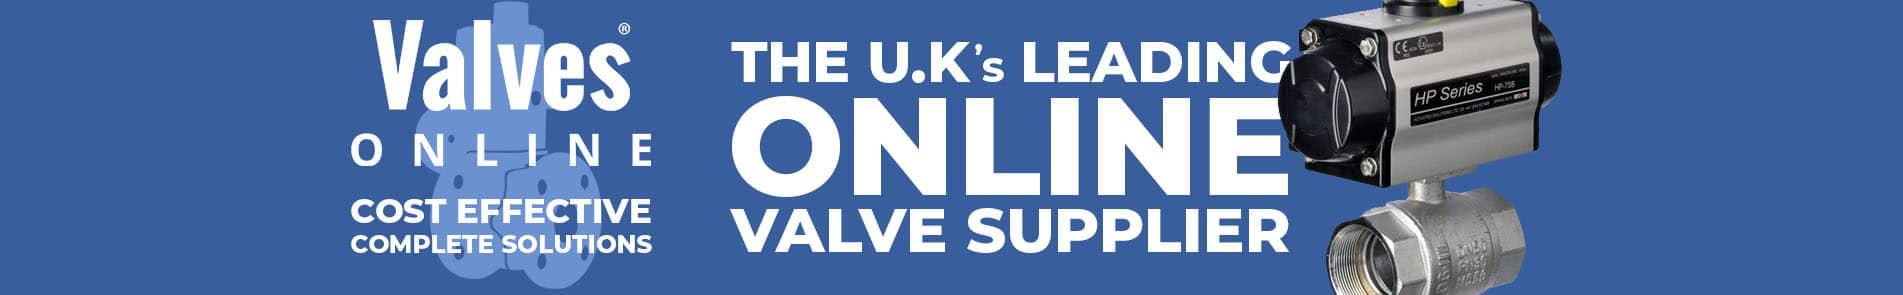 Valves Online The UK's Leading Online Valve Supplier